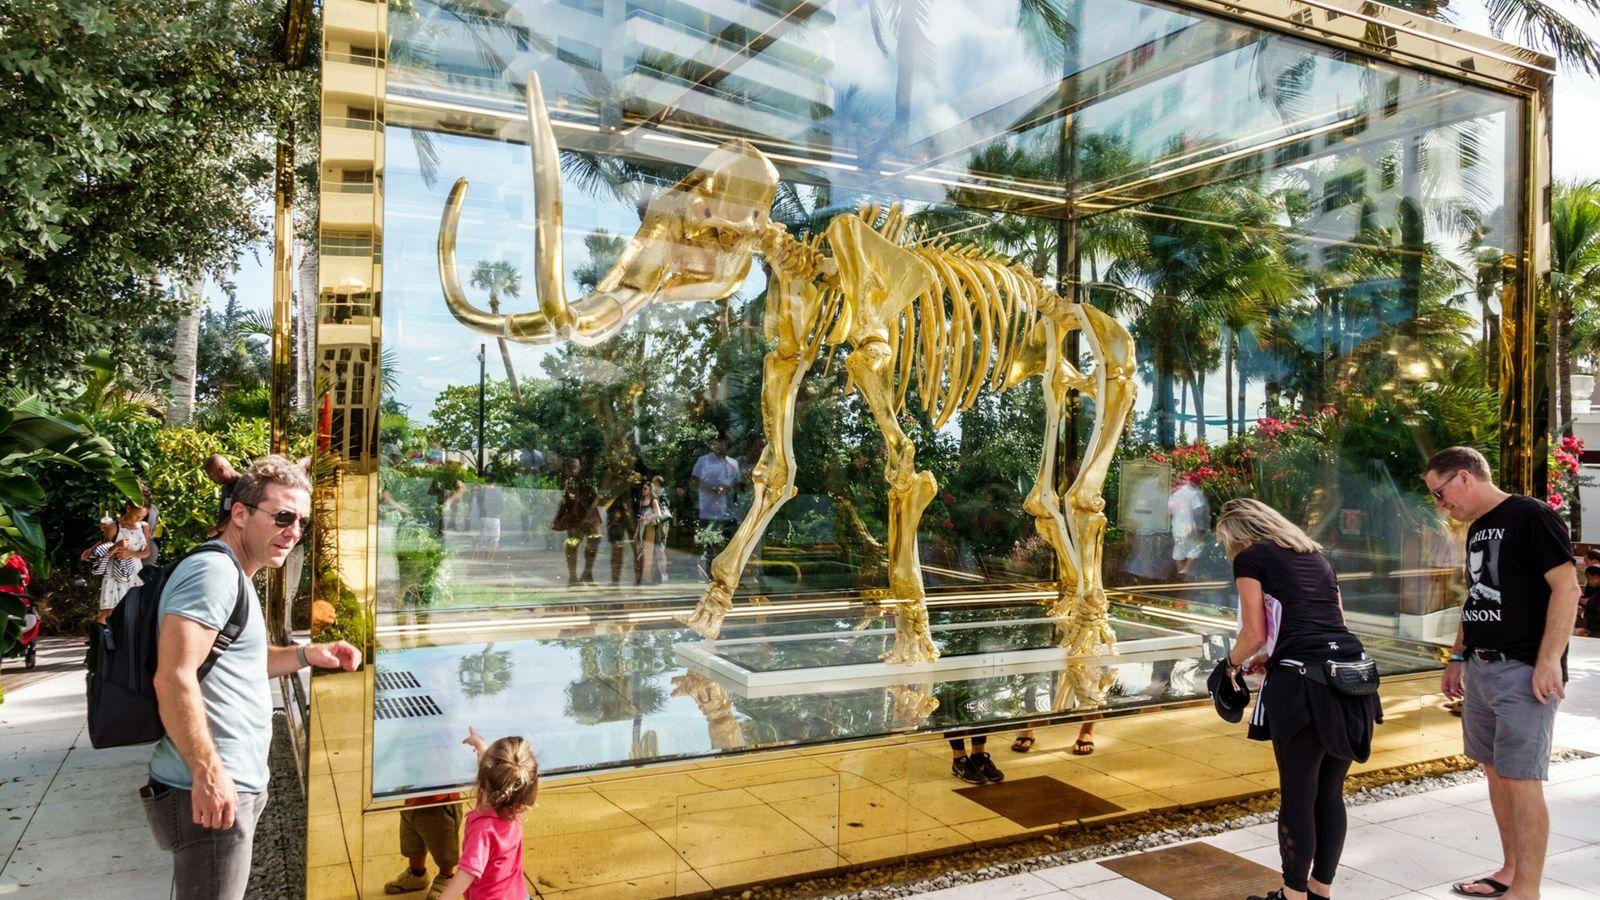 Foto de obra de arte de Damian Hirst de escultura de mamute em uma rua na ...